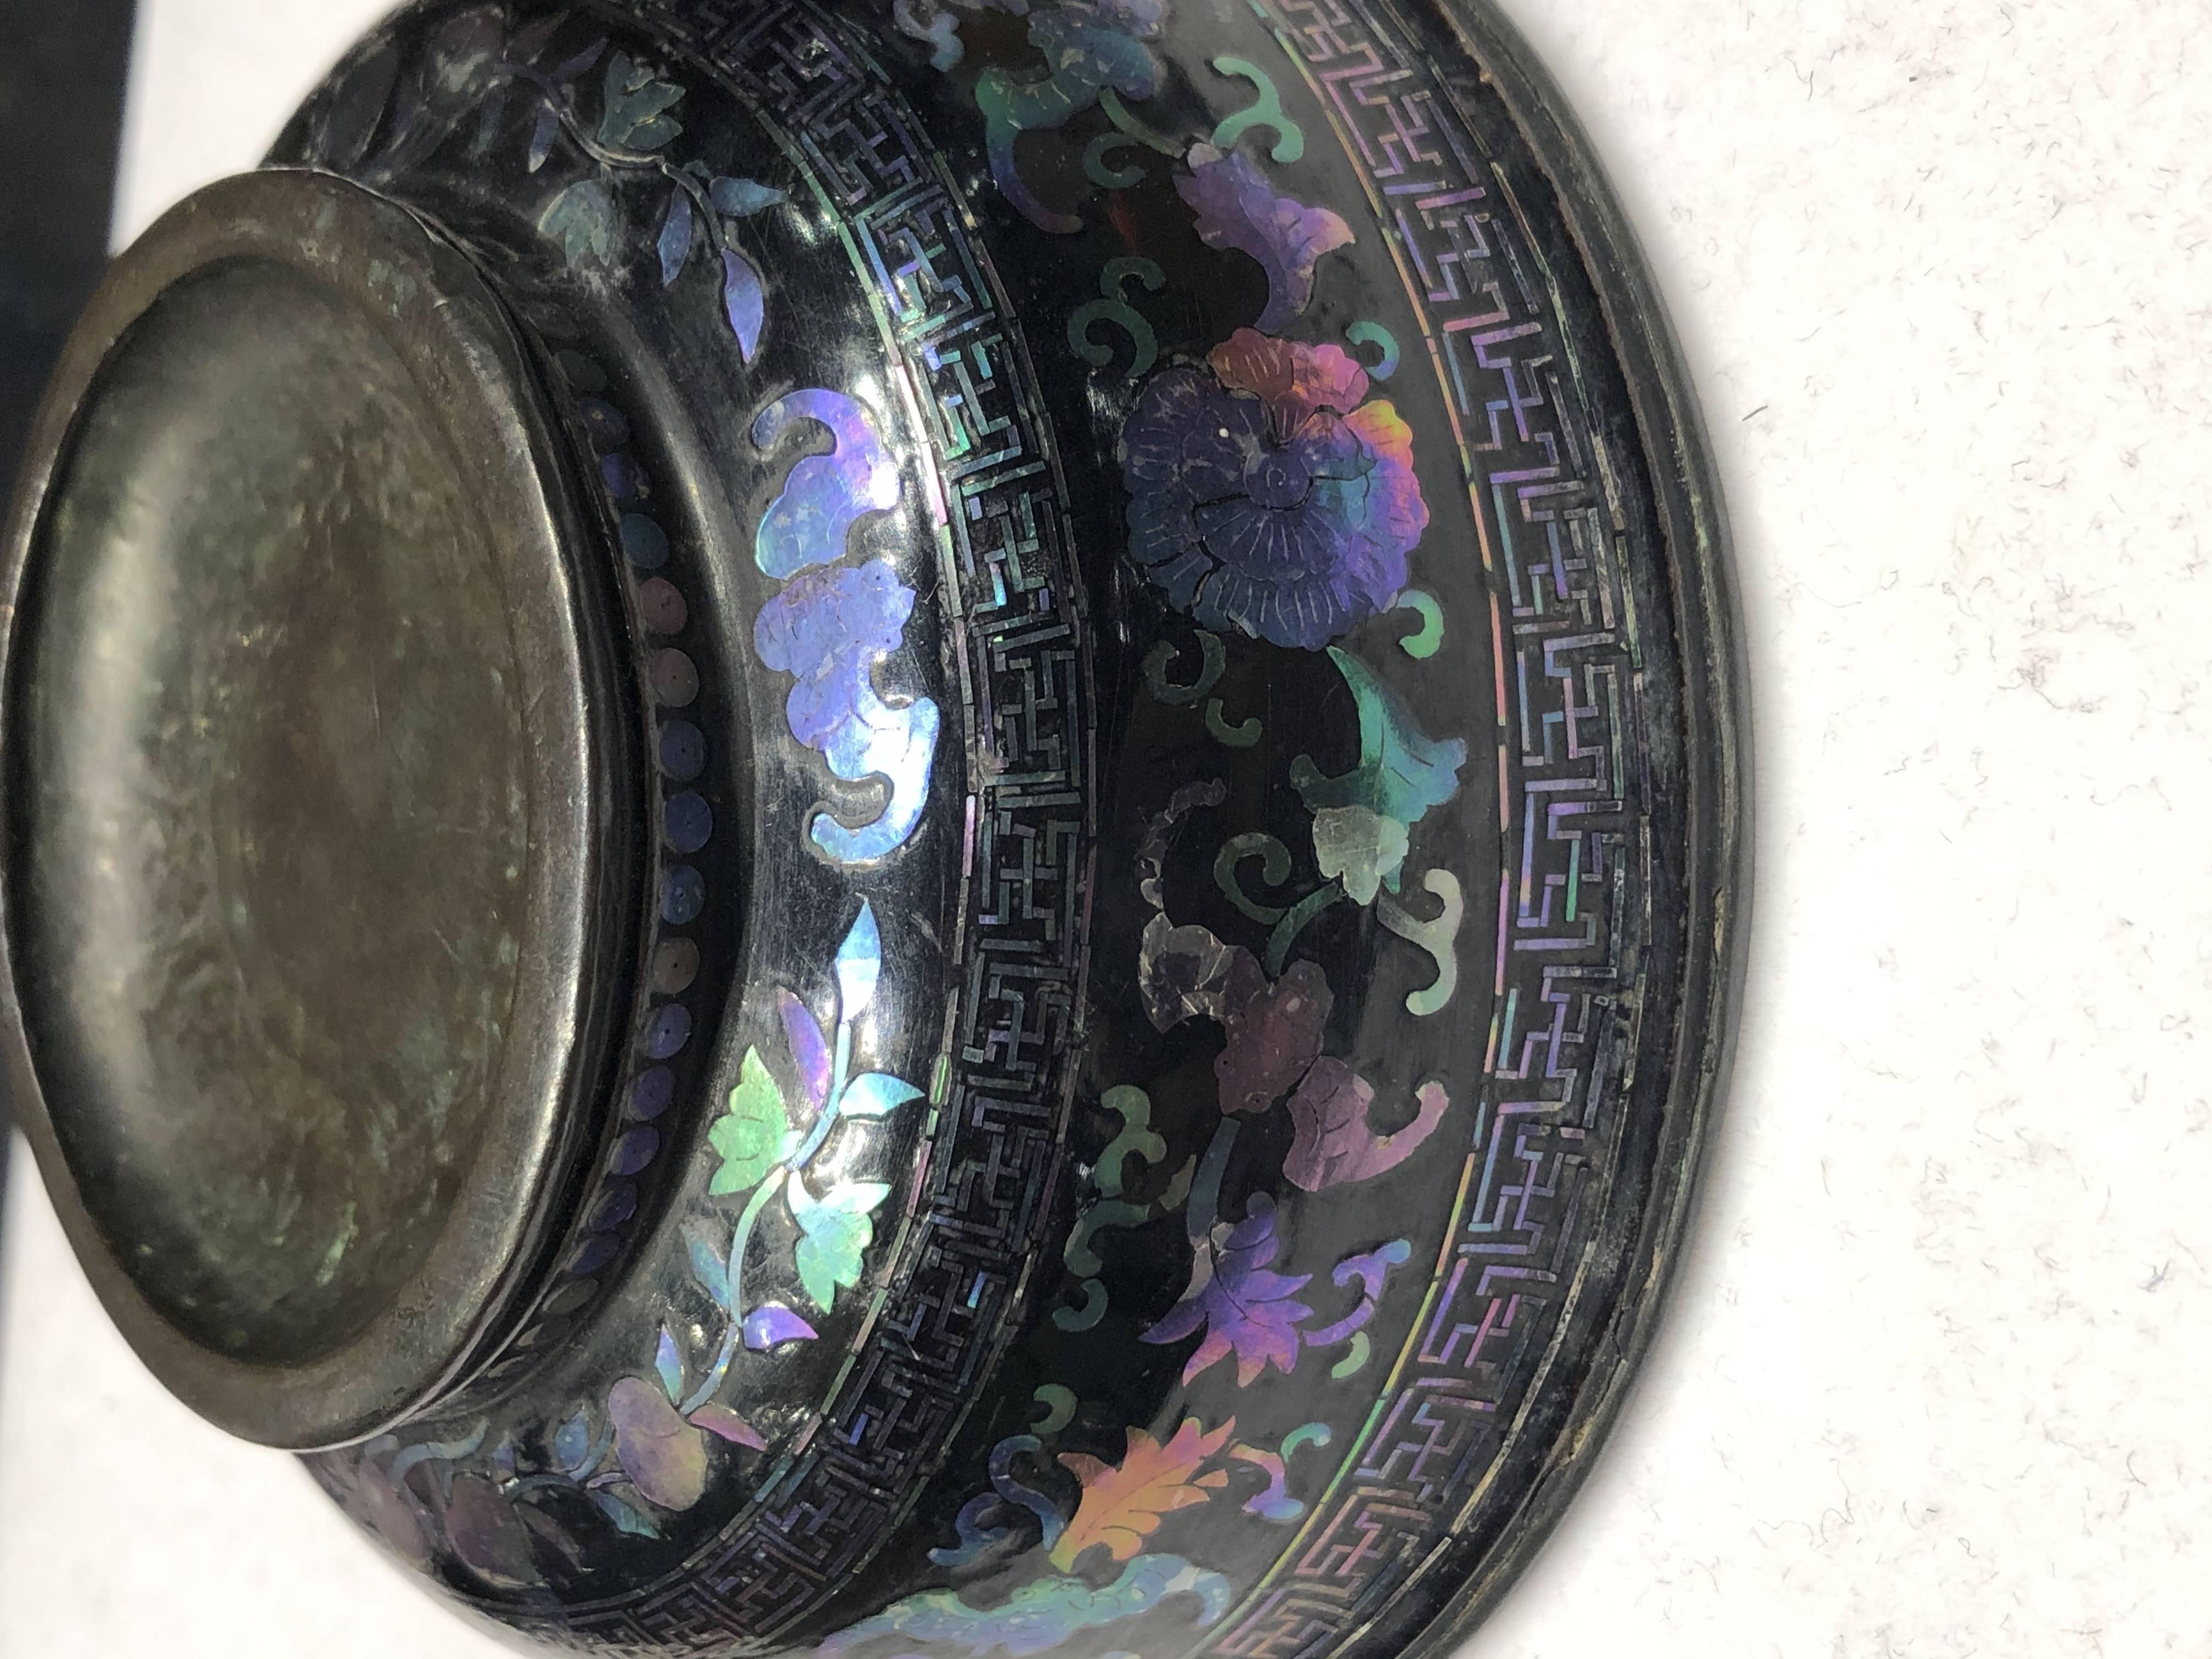 黑漆福寿纹碗